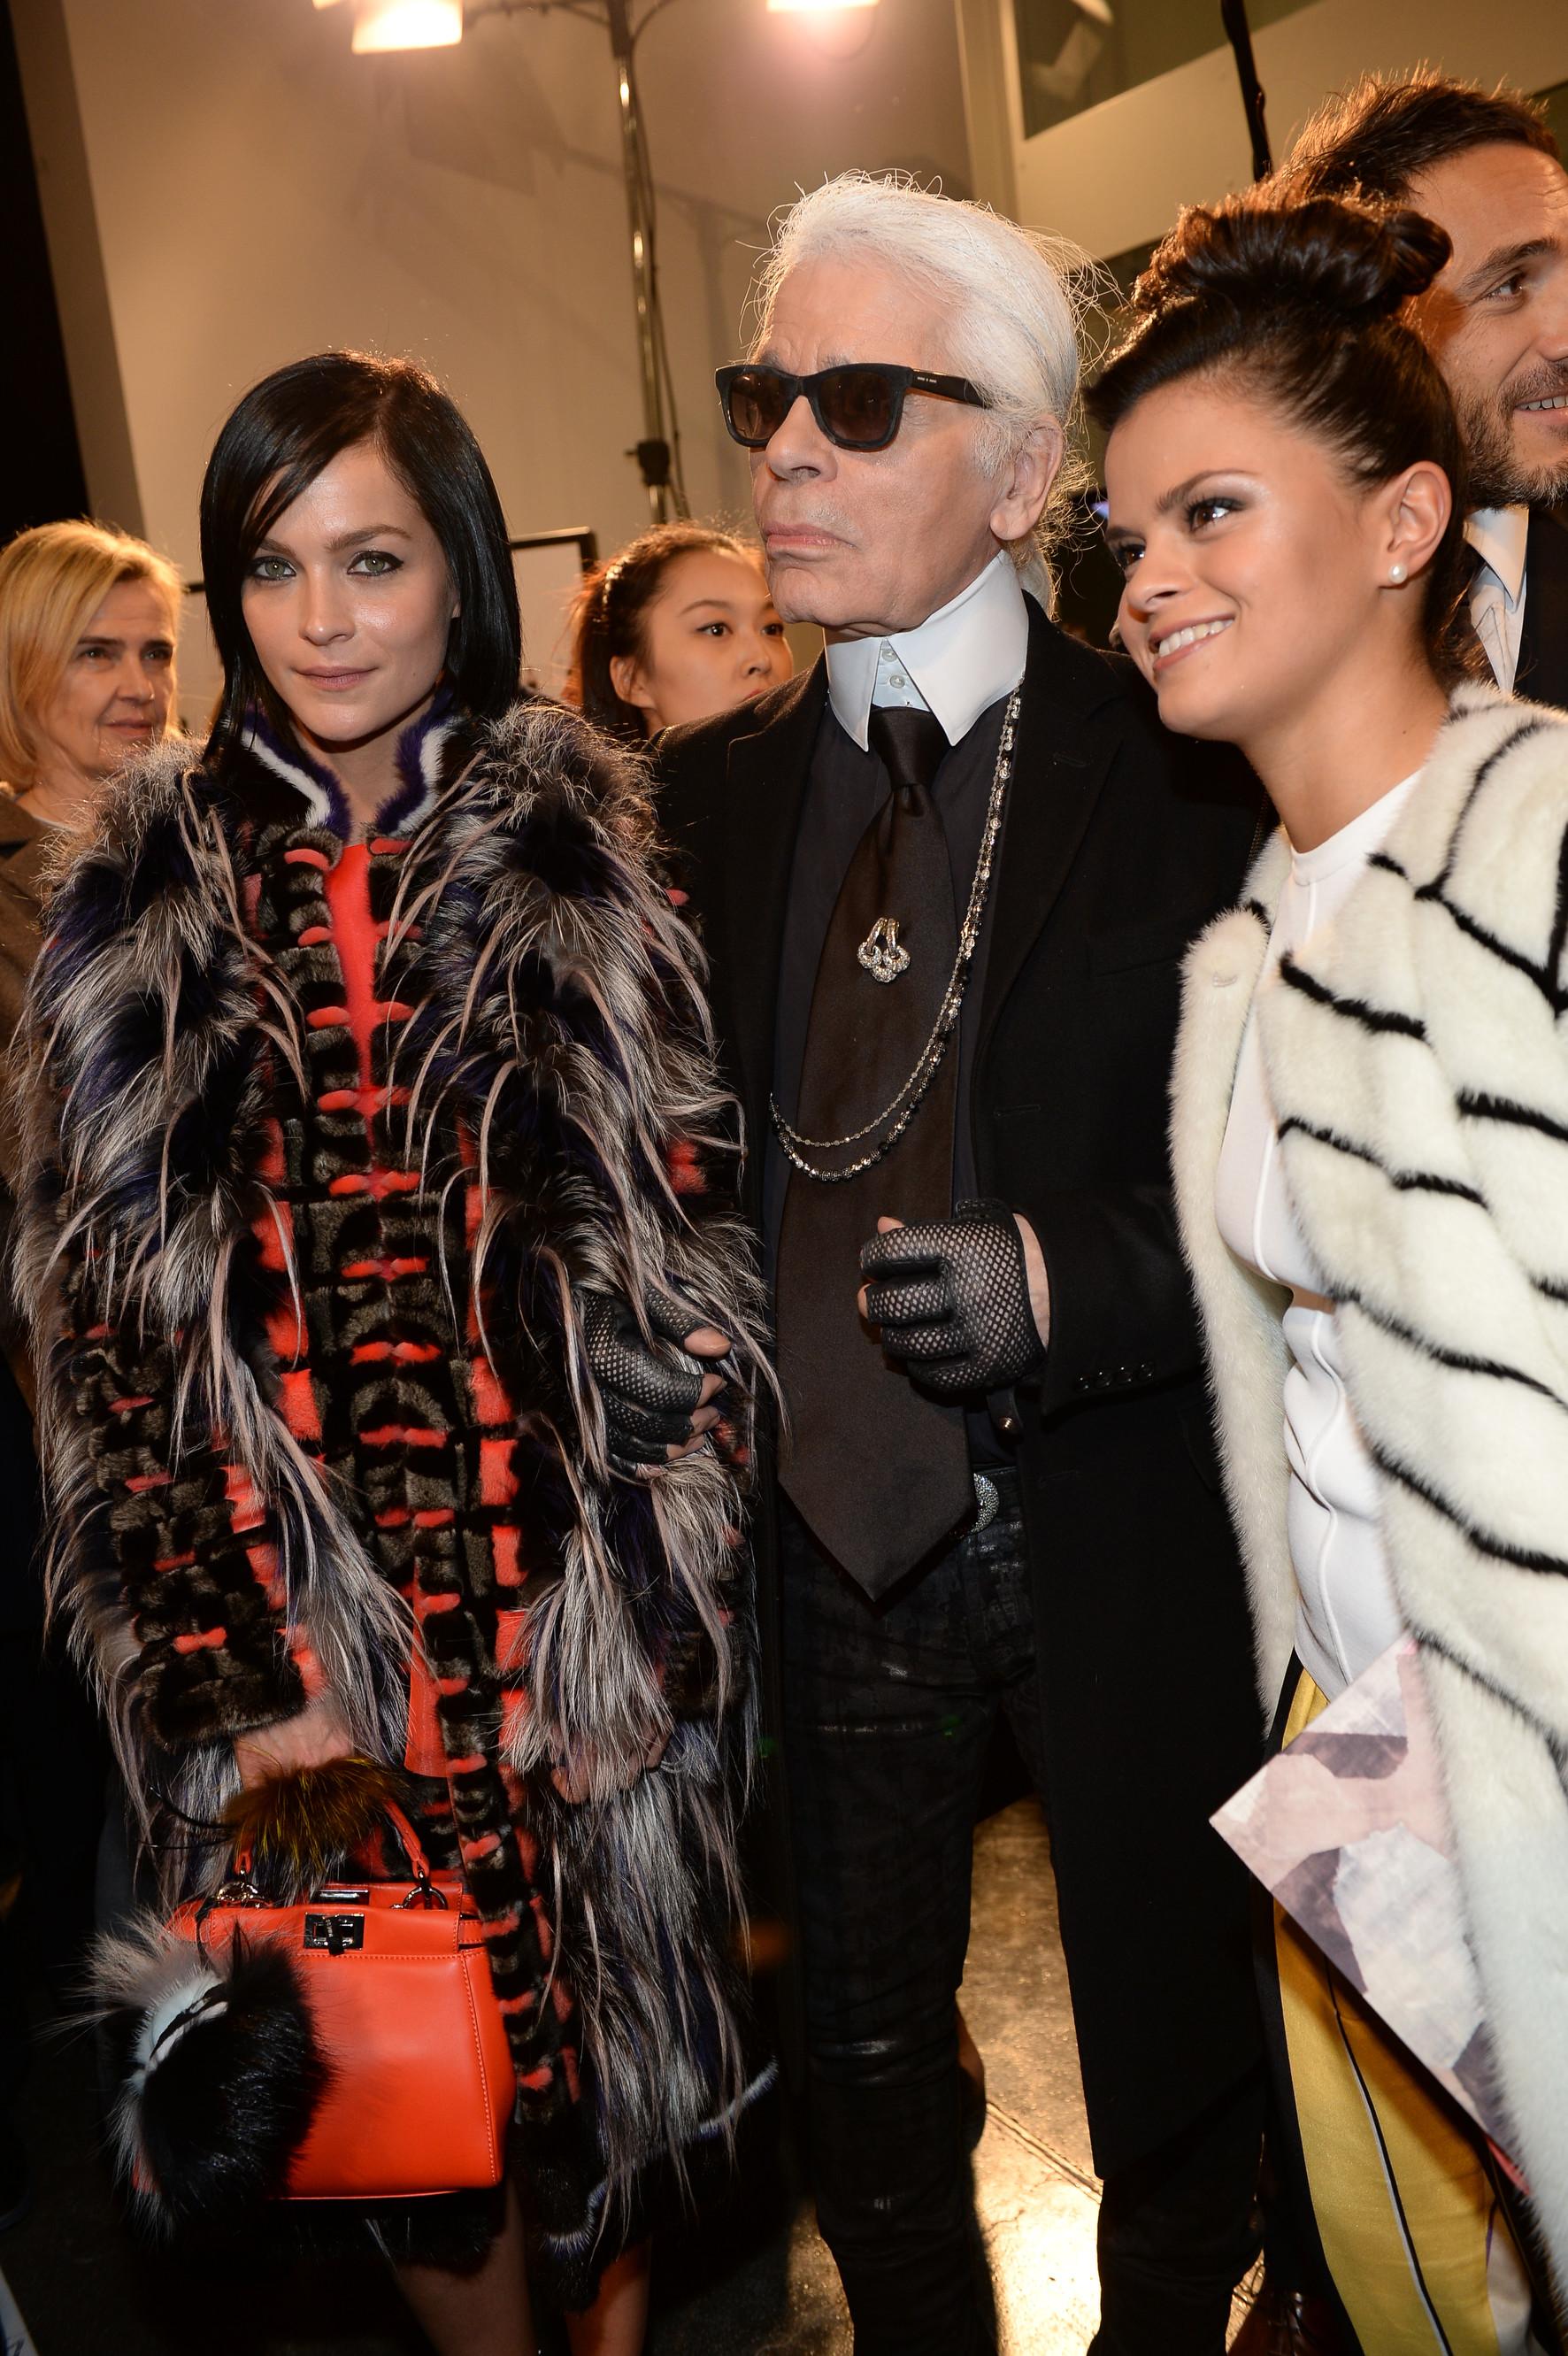 FENDI_frontrow Milano Womens Fashion week FW 14/15 Milan - Italy